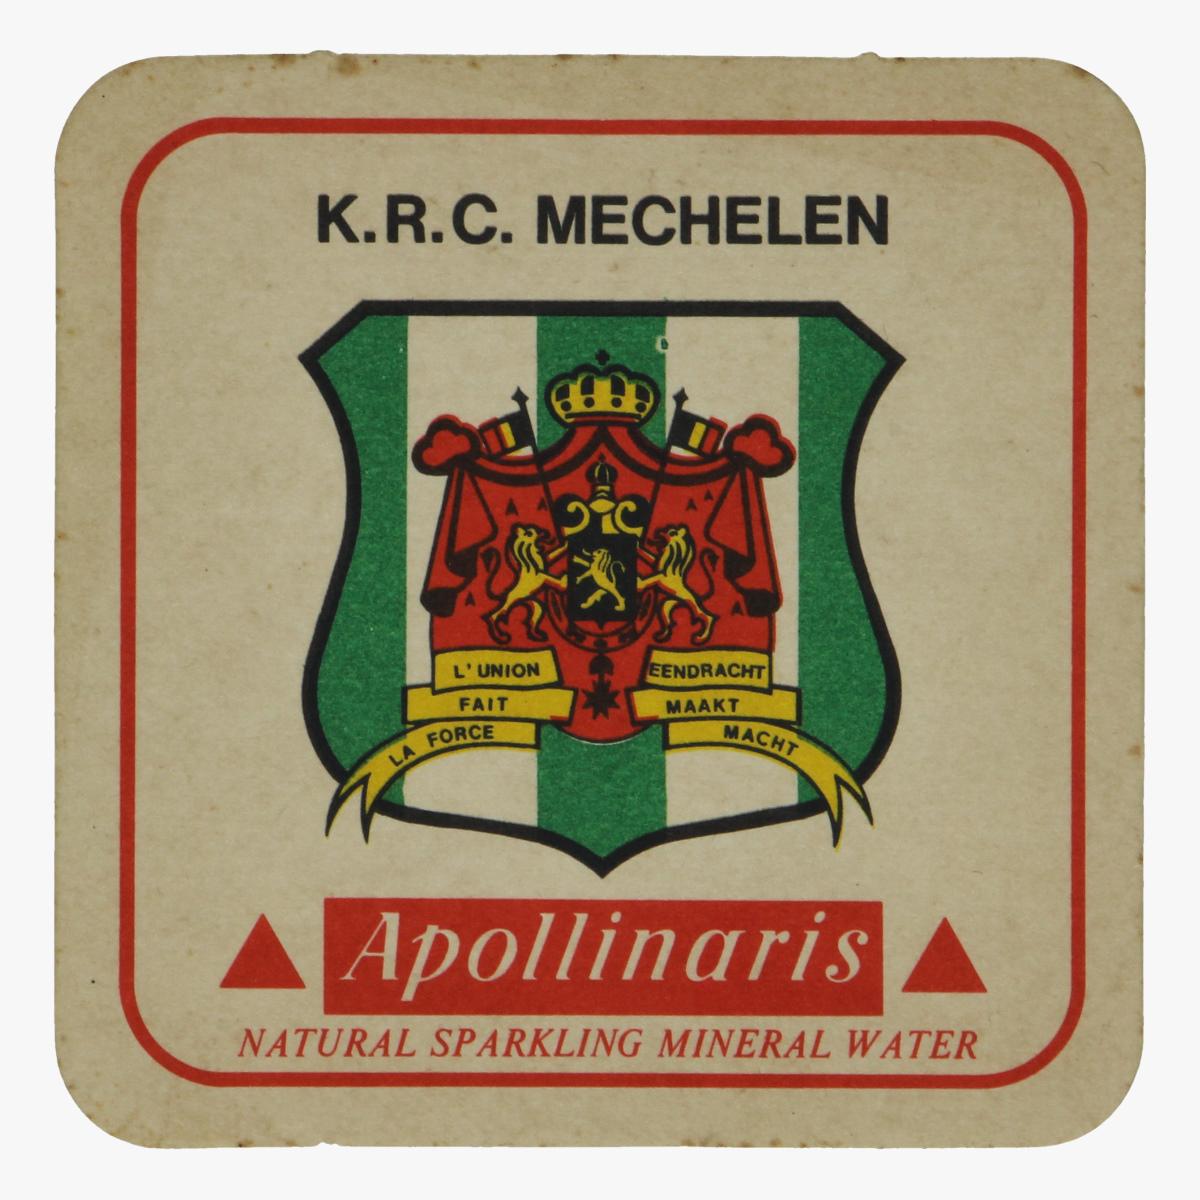 Afbeeldingen van bierkaartje k.r.c.mechelen apollinaris